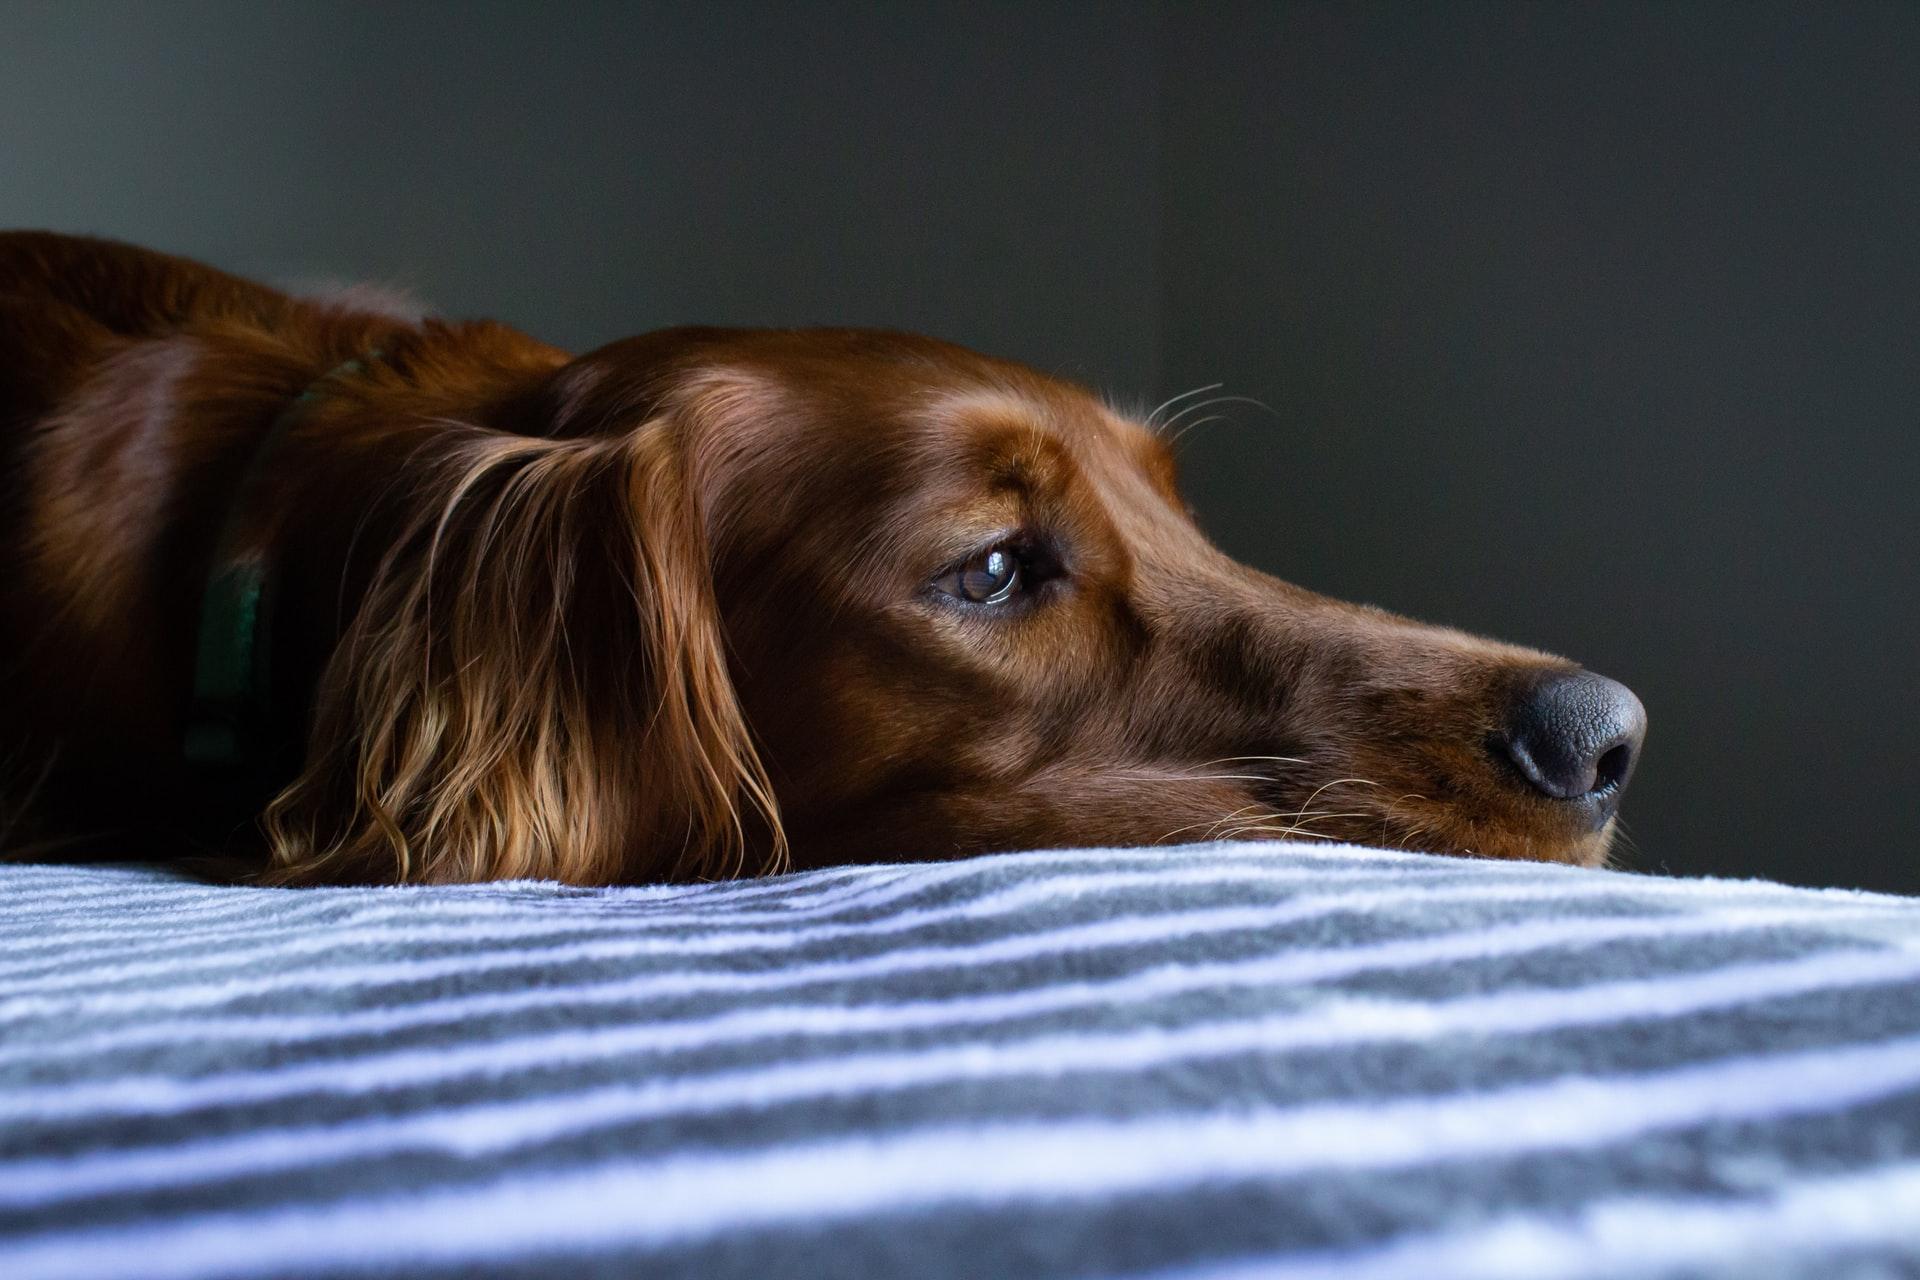 dolor en los perros- detectar cuando un perro sufre en silencio